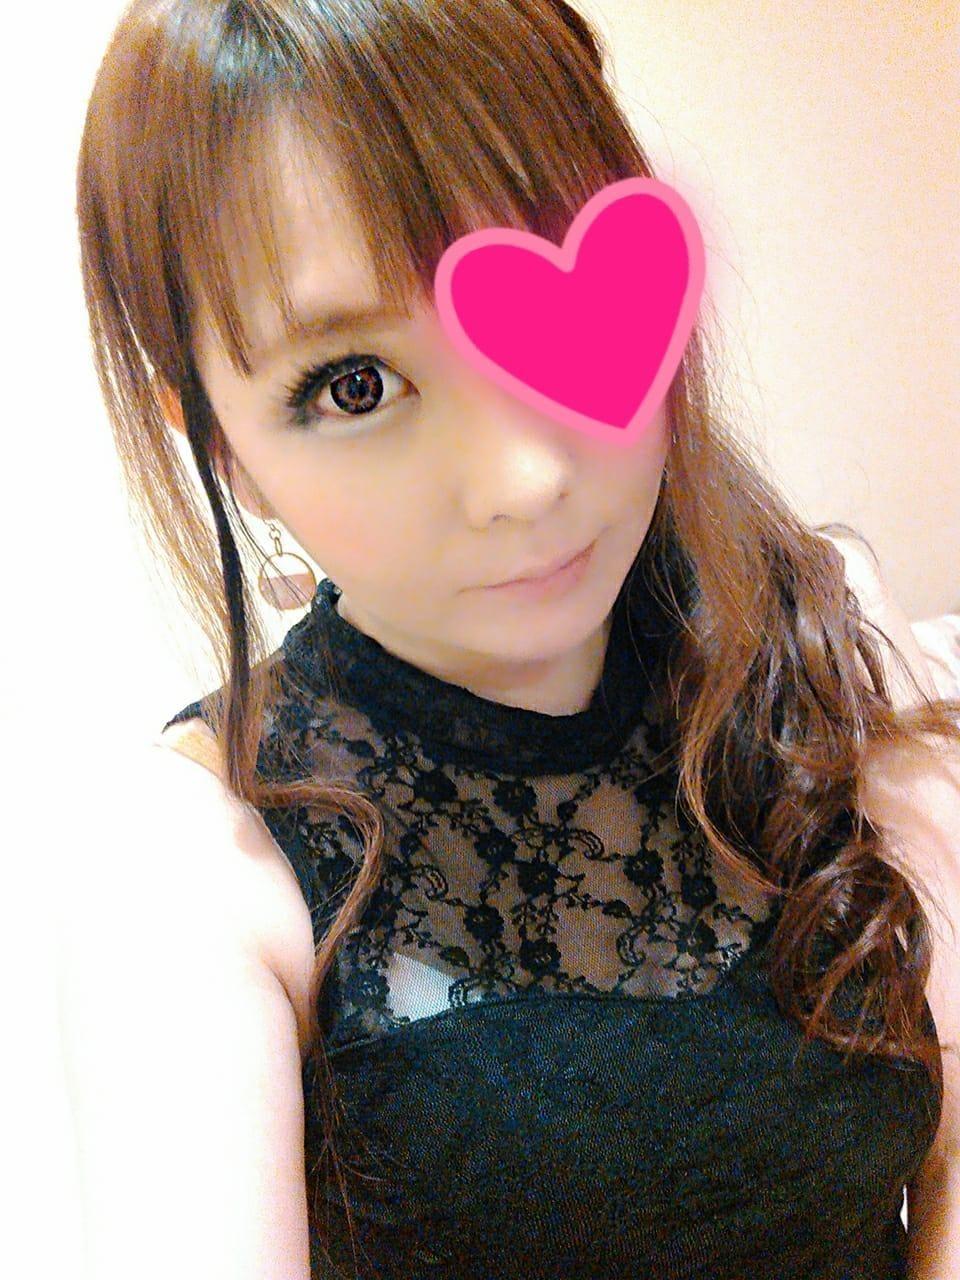 「出勤だよ♪」01/15(01/15) 19:17 | けい アイドル美少女♡の写メ・風俗動画